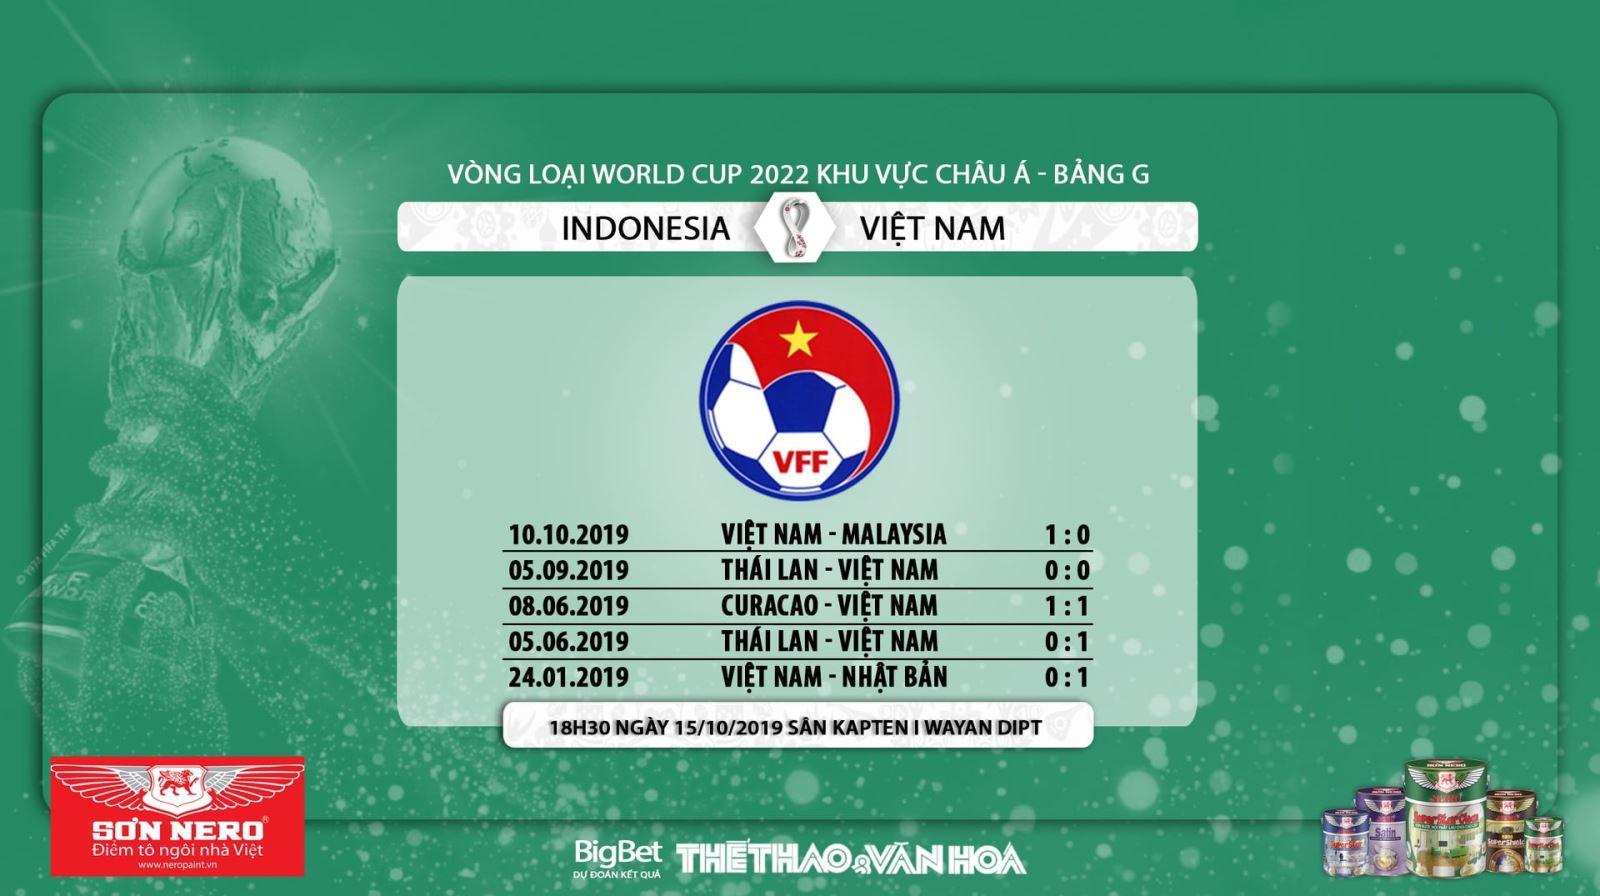 soi kèo bóng đá, Indonesia đấu với Việt Nam, keo bong da, Việt Nam vs Indonesia, truc tiep bong da hôm nay, VTV6, VTV5, VTC1, VTC3, trực tiếp bóng đá, World Cup 2022